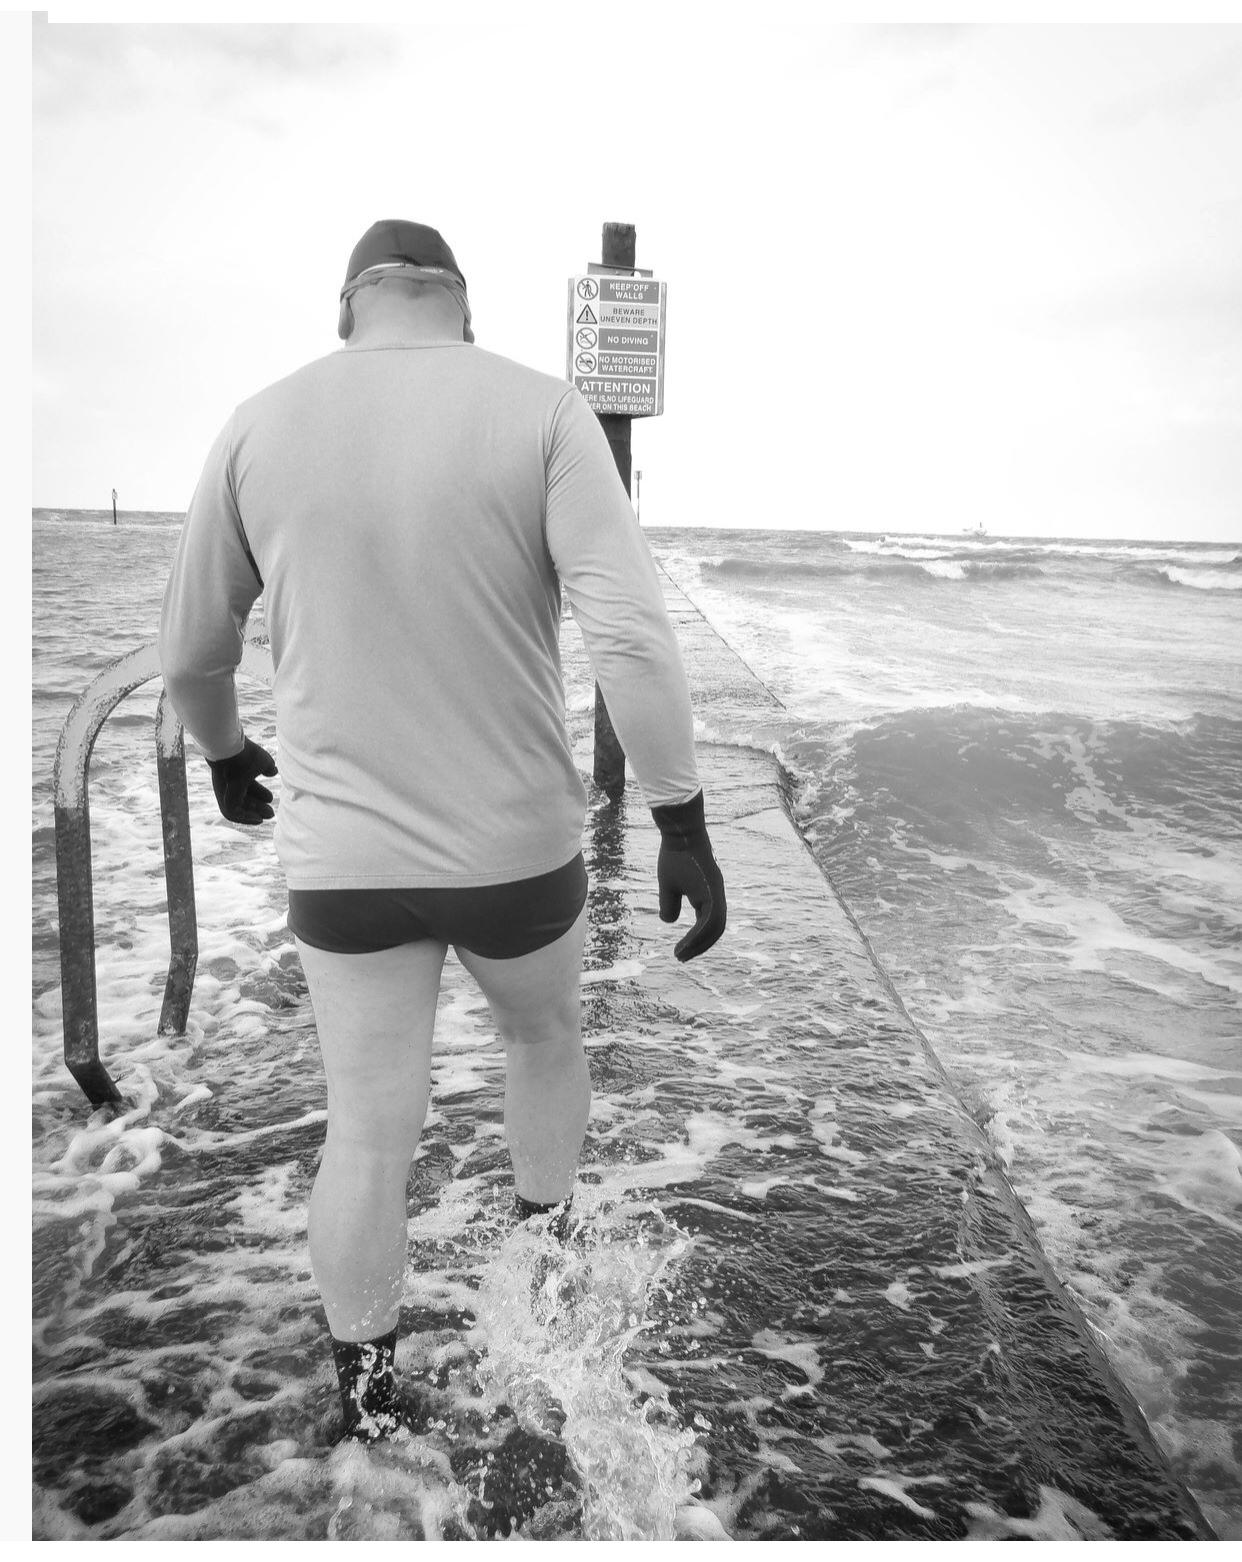 Swimming in the sea in the UK-2f174a38-8982-487d-ac5c-f73112a8dcb7-jpeg